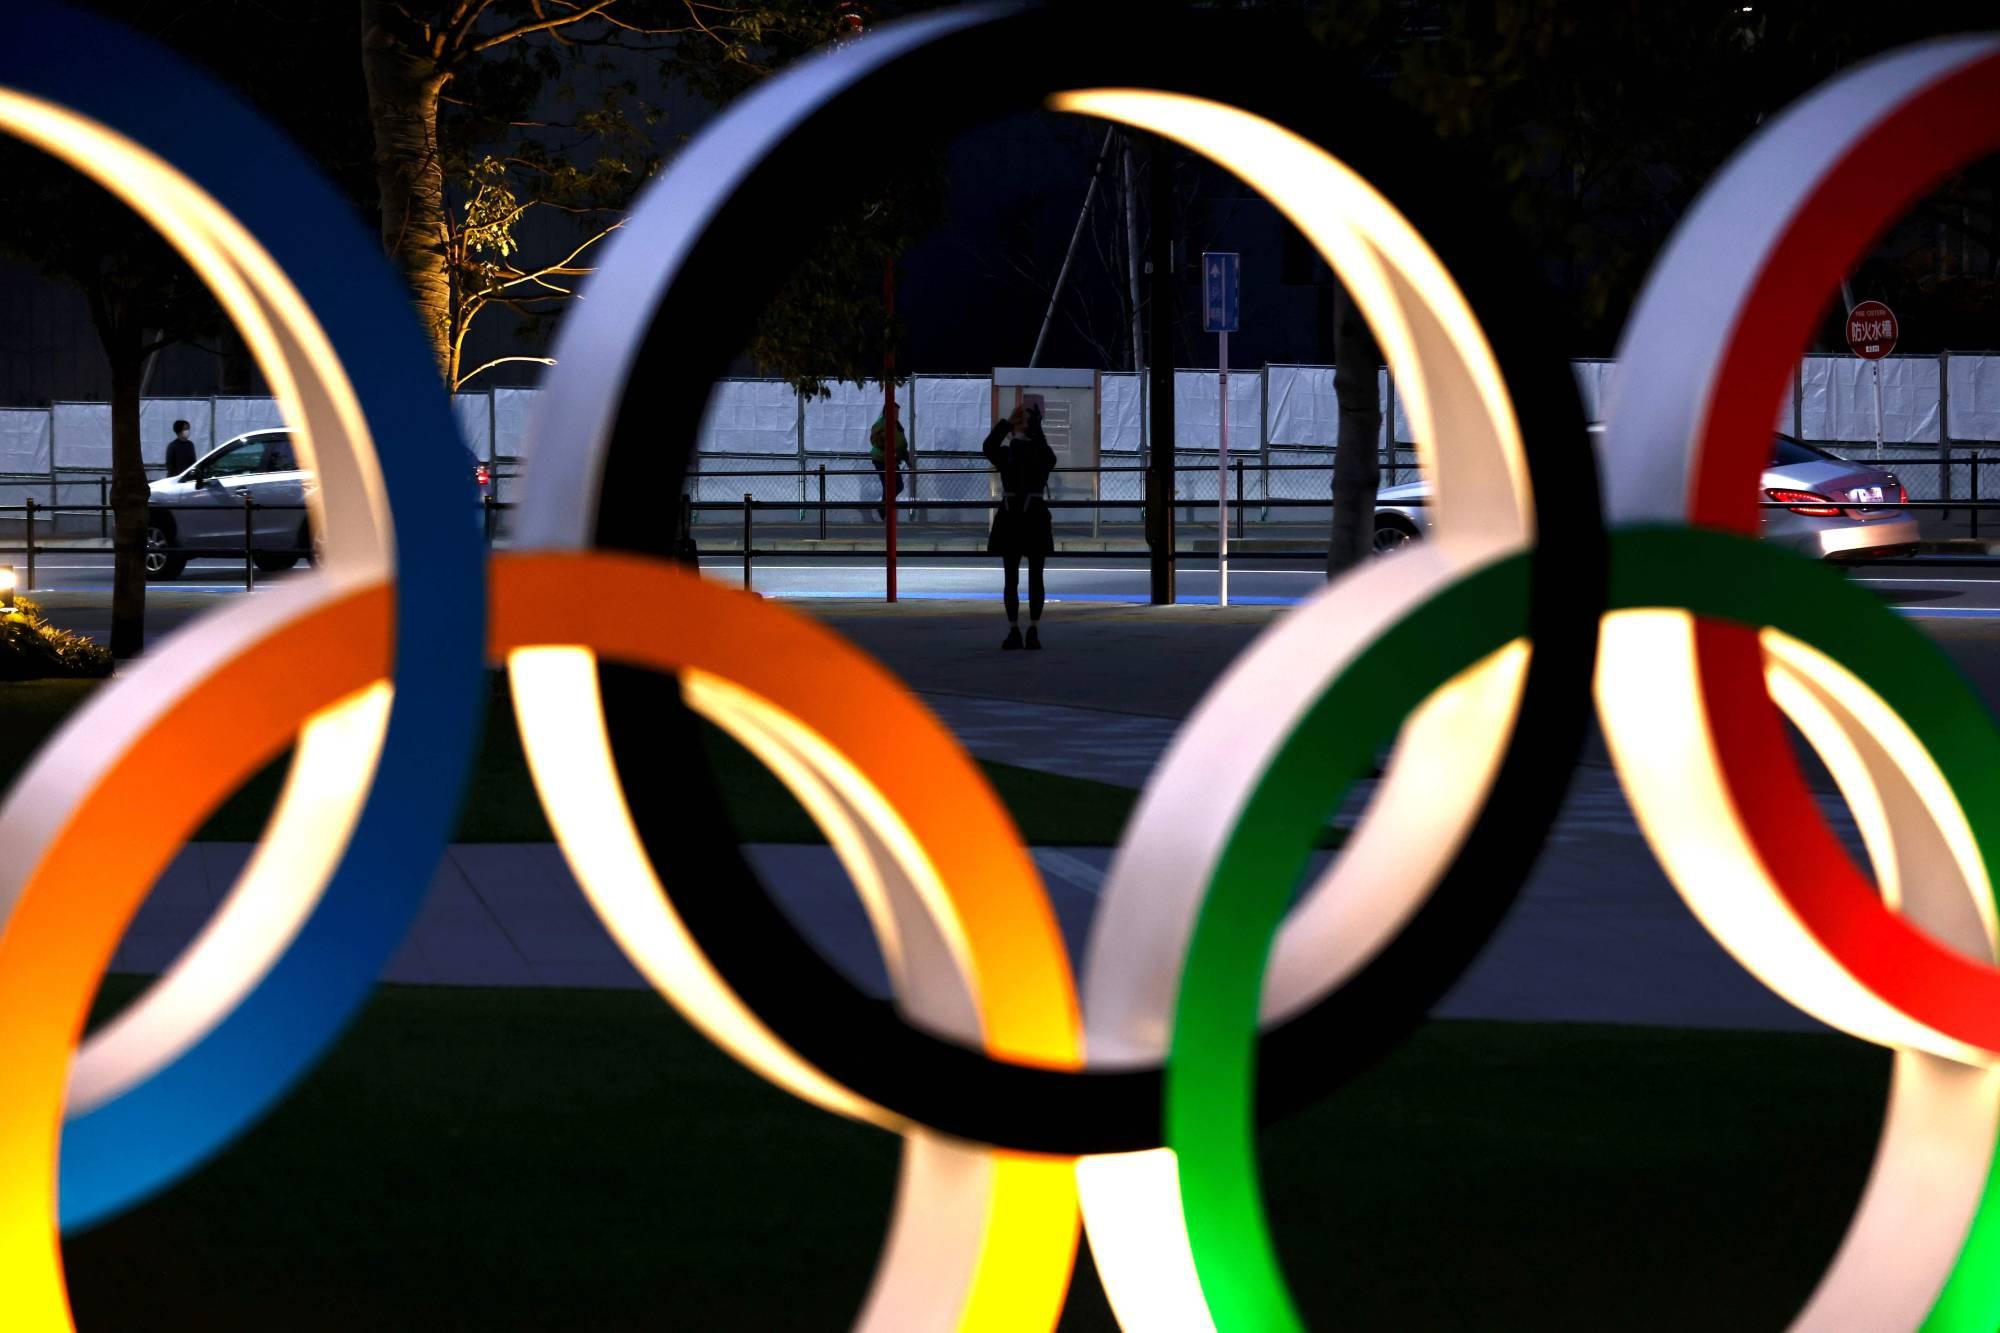 东京奥组委主席:东京奥运会不会再次延期 现场观众问题再议